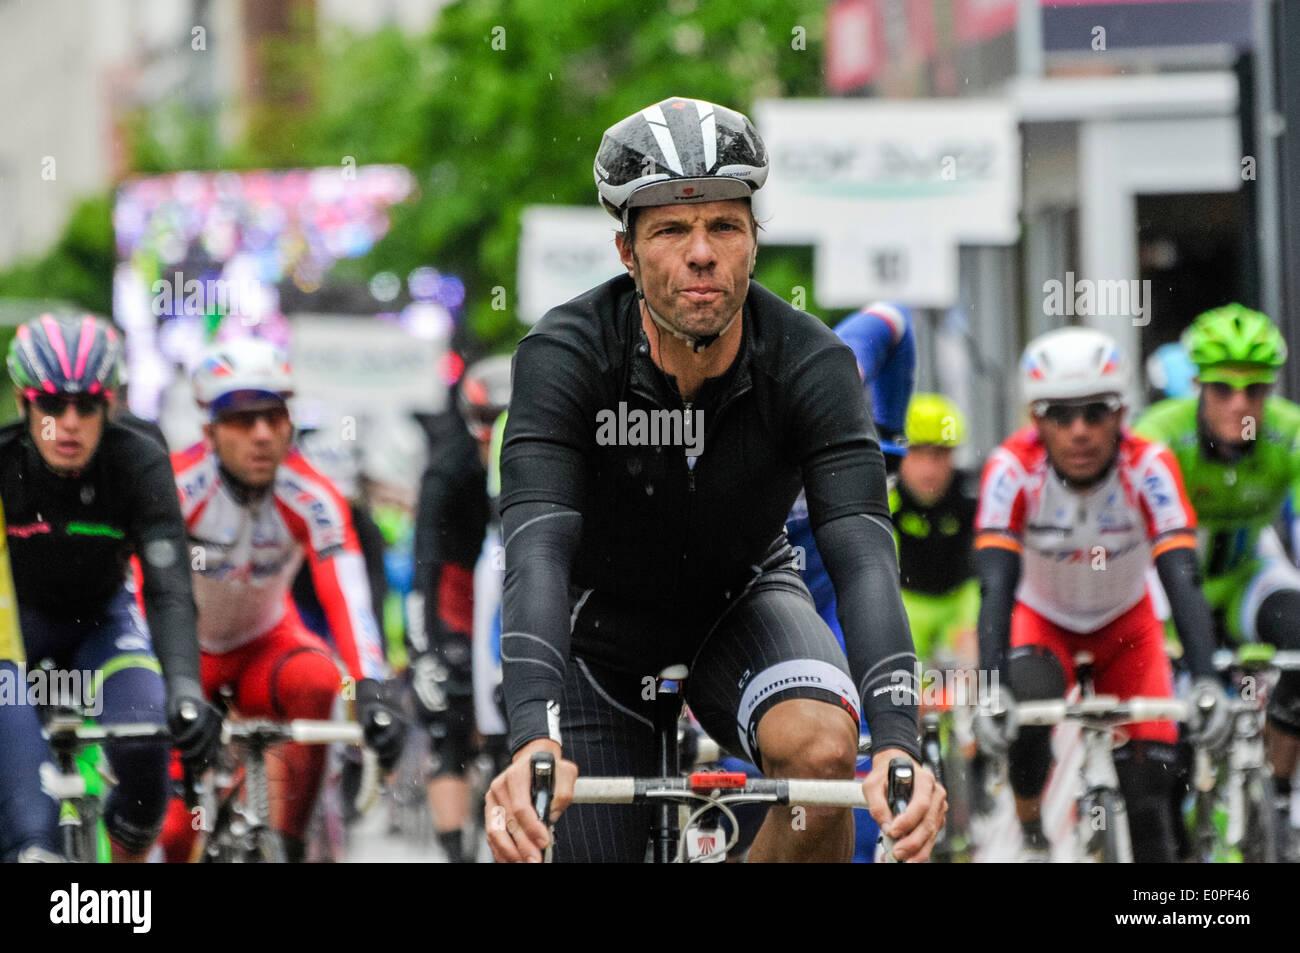 Belfast, Northern Ireland. 10 May 2014 - Luka Mezgec (Slovenia, Team Giant Shimano) - Stock Image